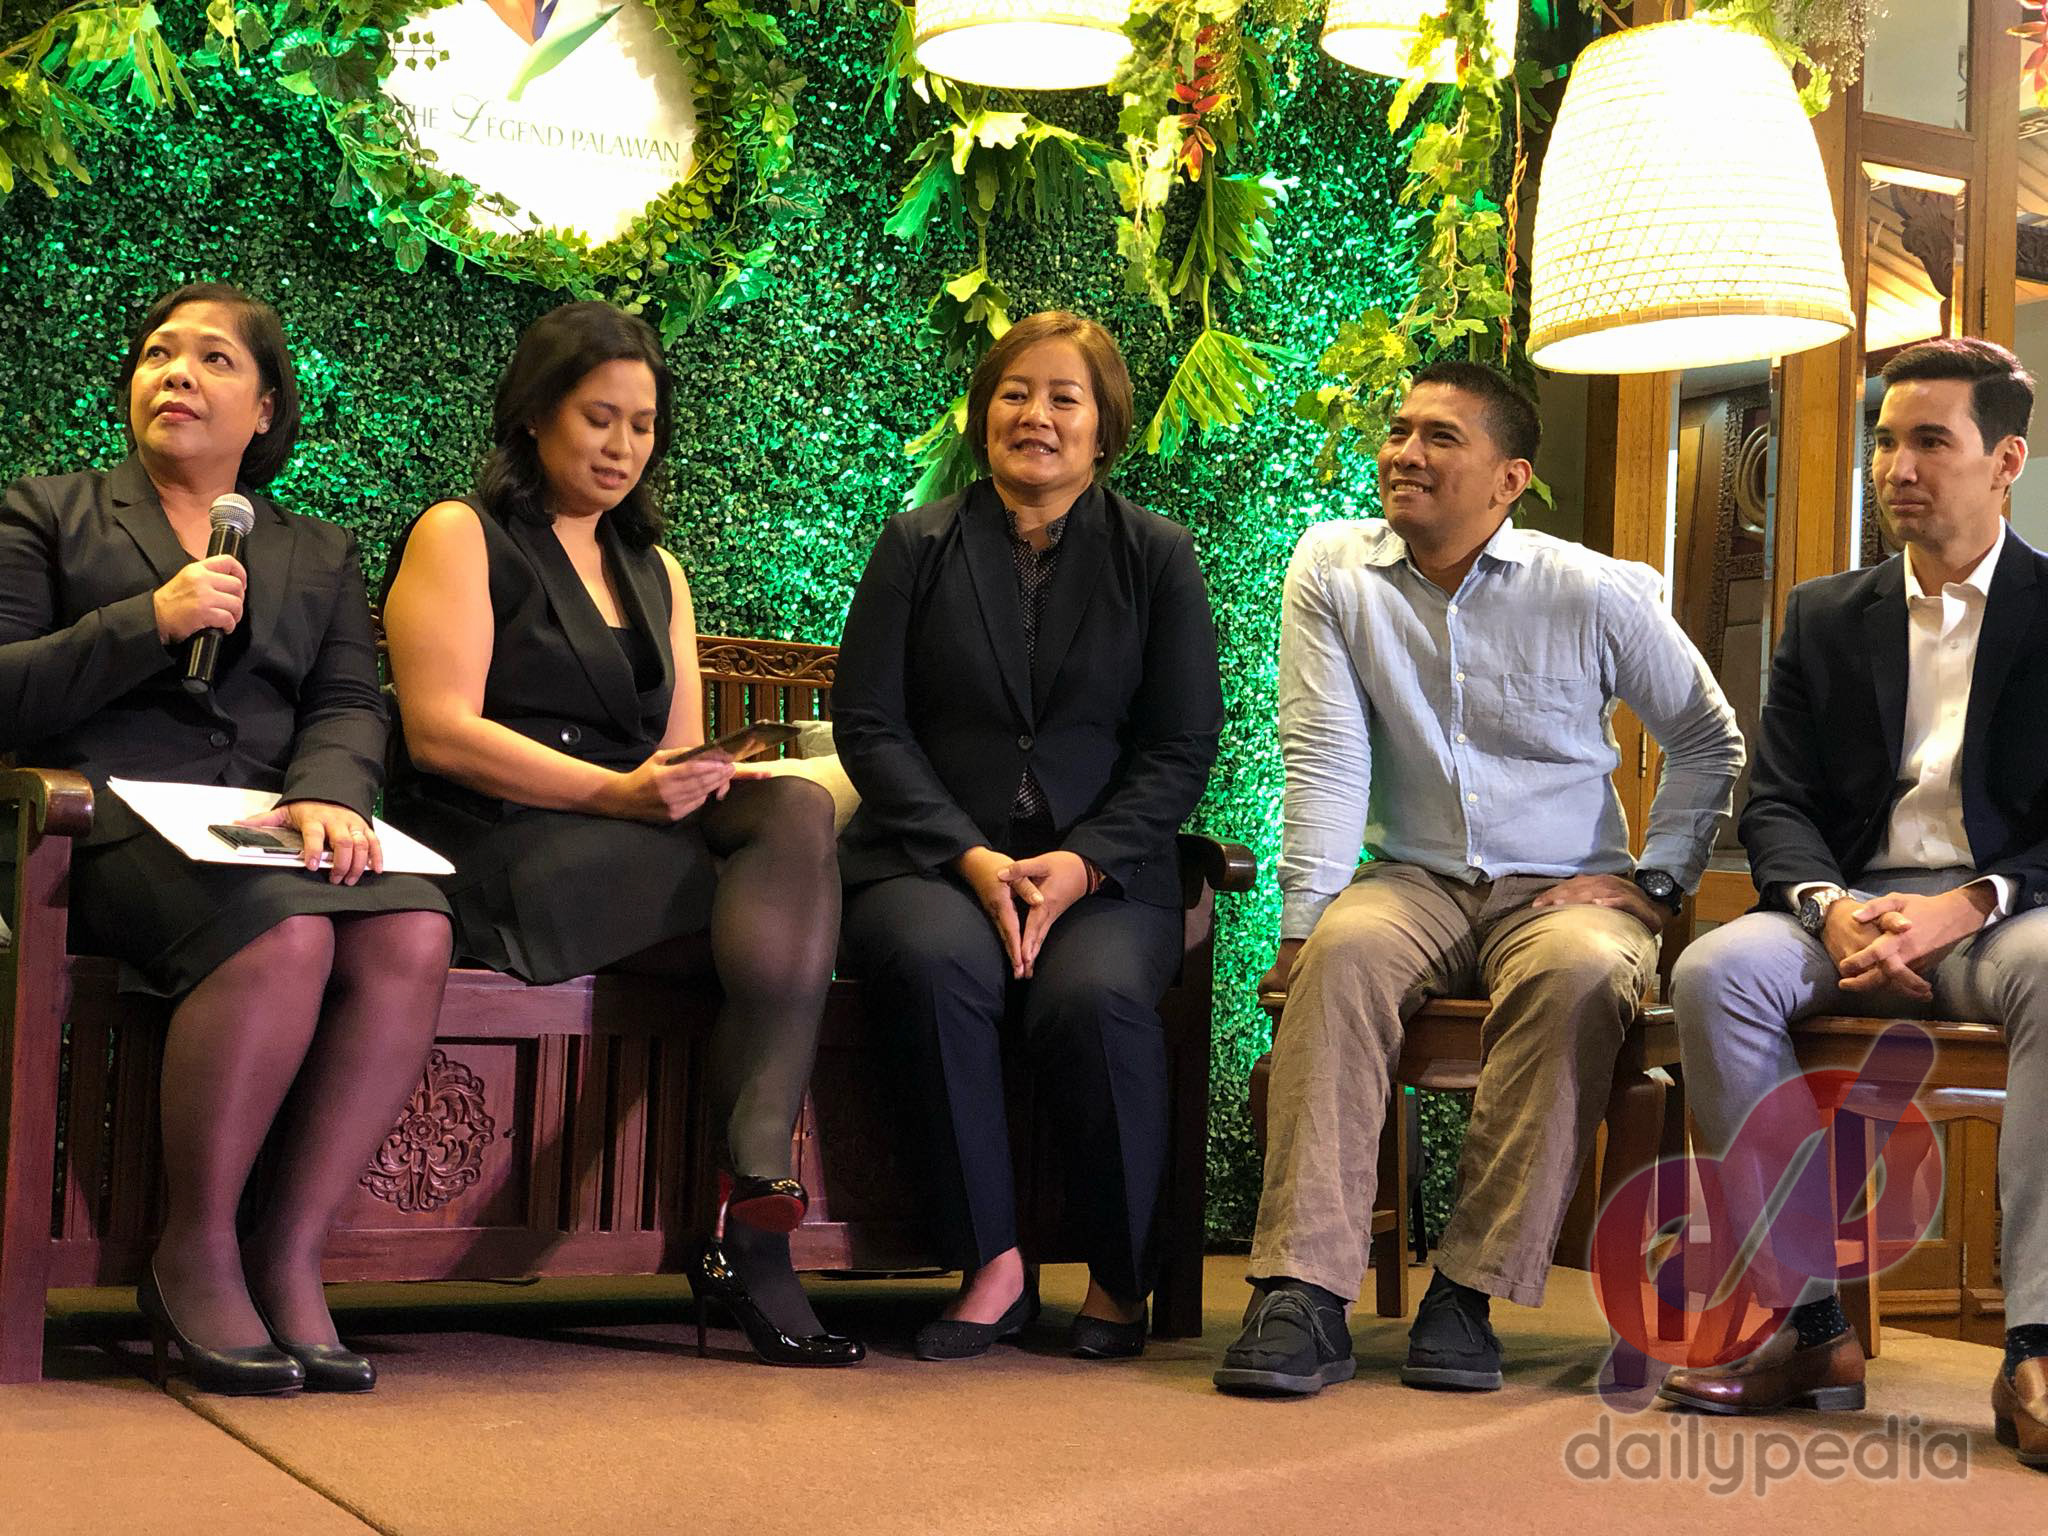 A Legend To Commemorate: The Legend Palawan Announces Roam Puerto Princesa Tour